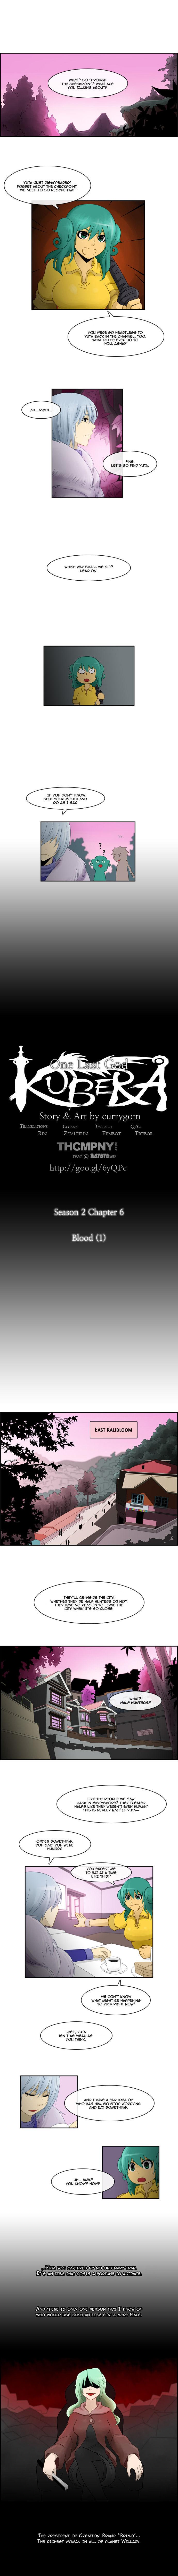 Kubera 108 Page 1